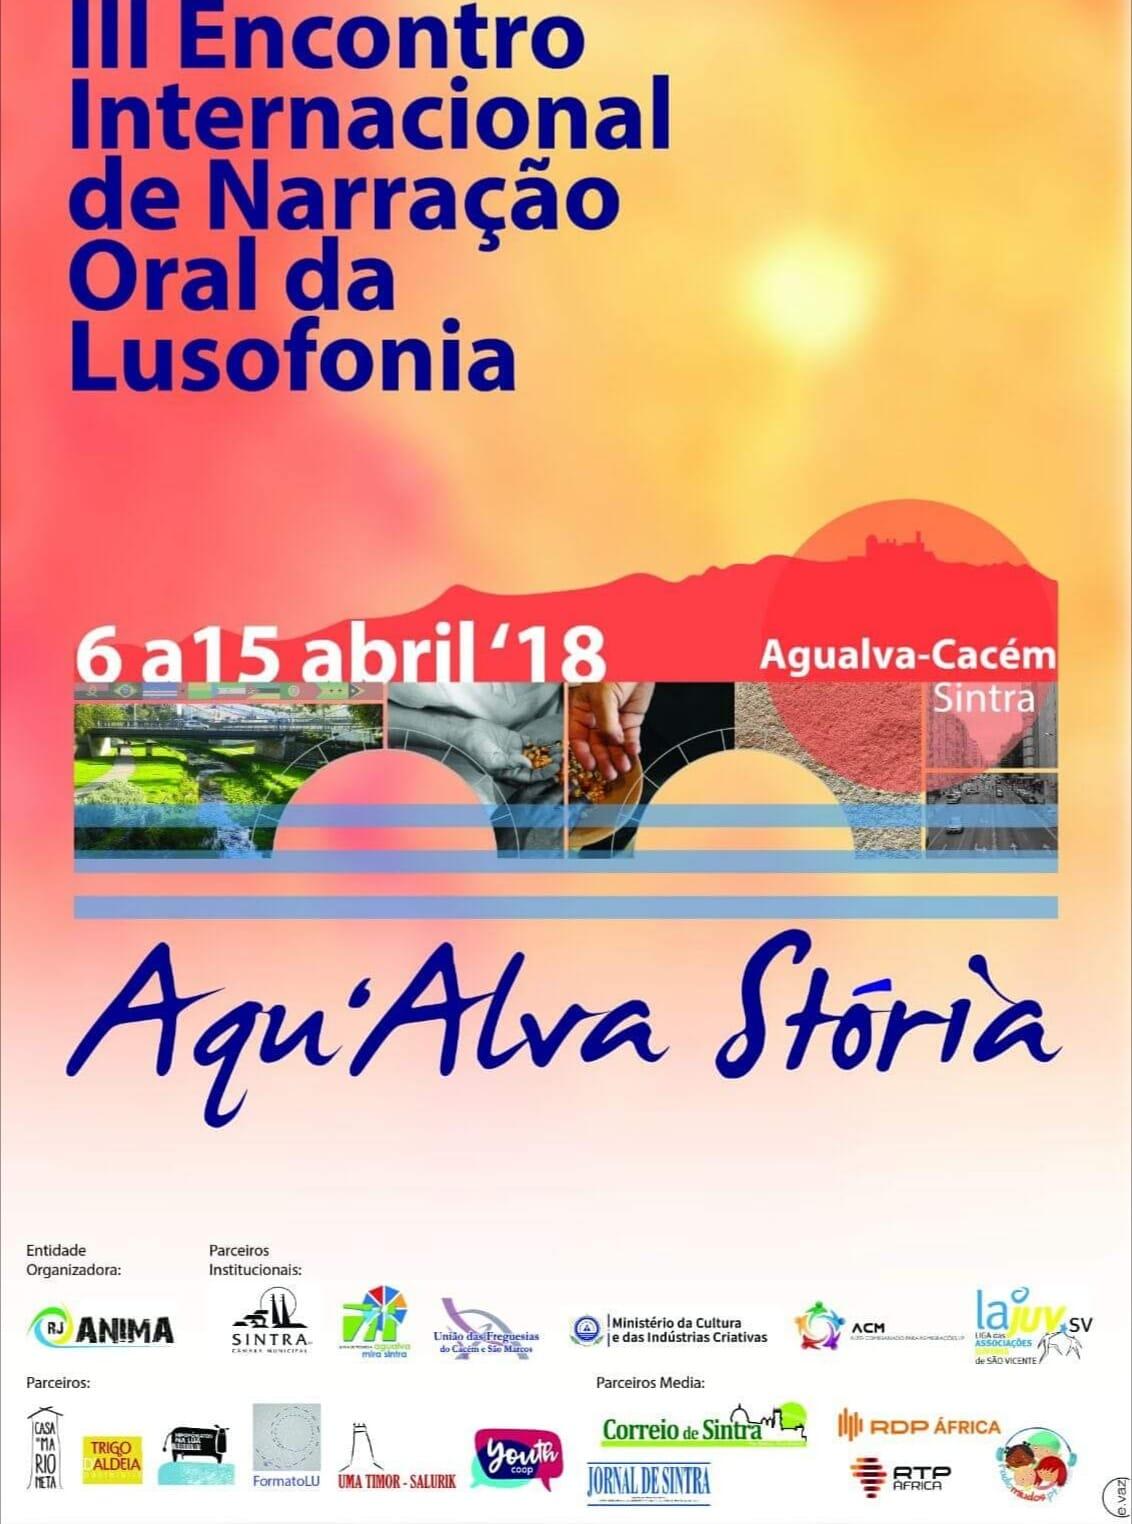 III Encontro Internacional de Narração Oral da Lusofonia - Aqu'Alva Stória